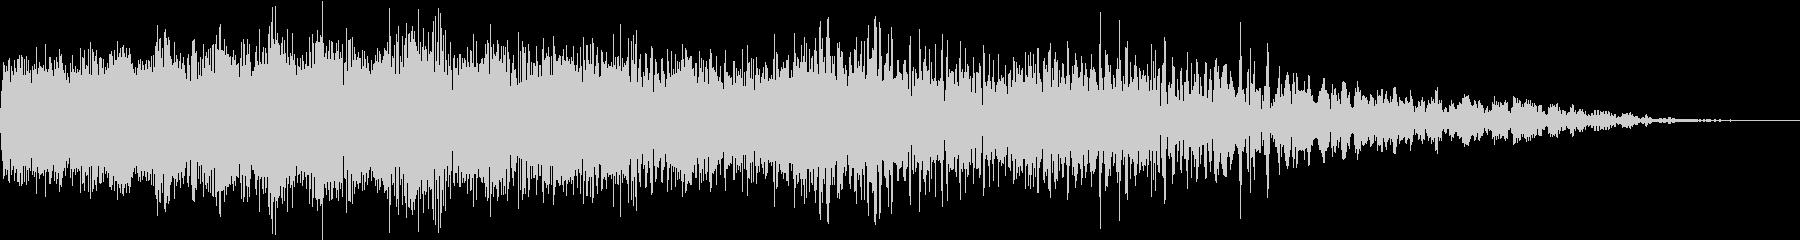 機械ダウン、壊れるA06の未再生の波形